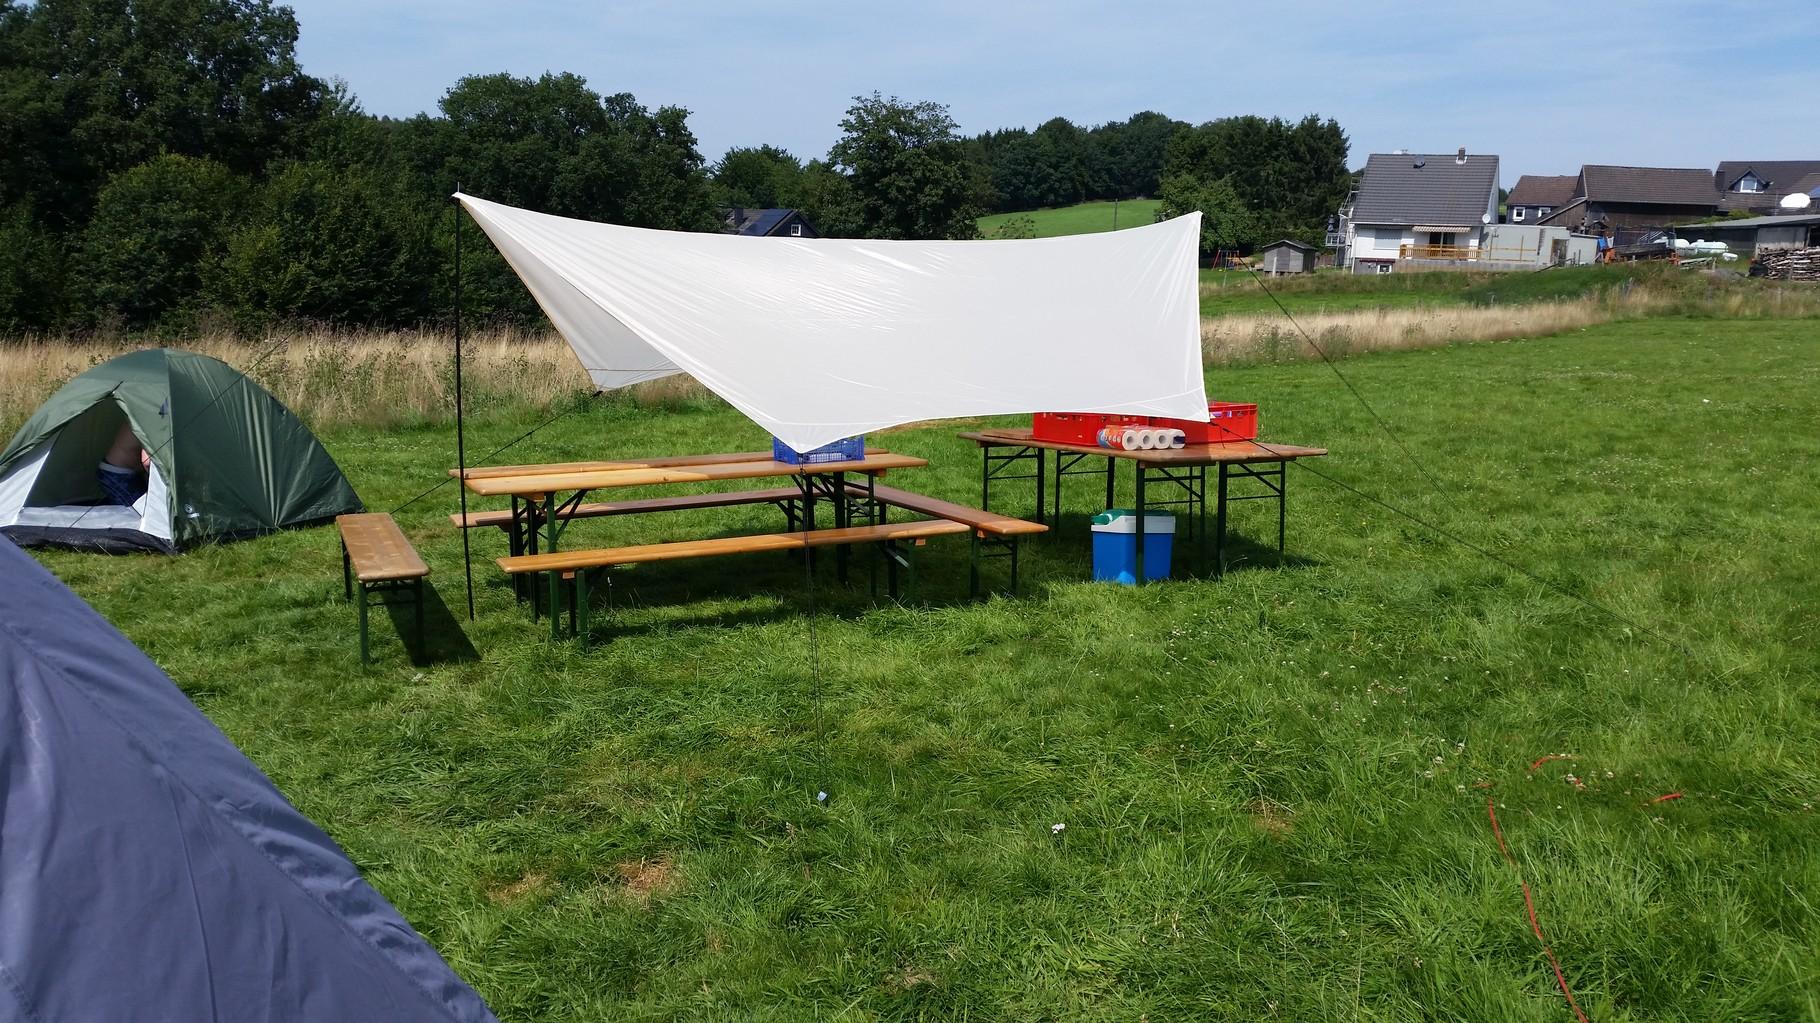 Hier unsere Koch und Futterstelle. Das Sonnensegel war praktisch, schnell und leicht aufzubauen.^^